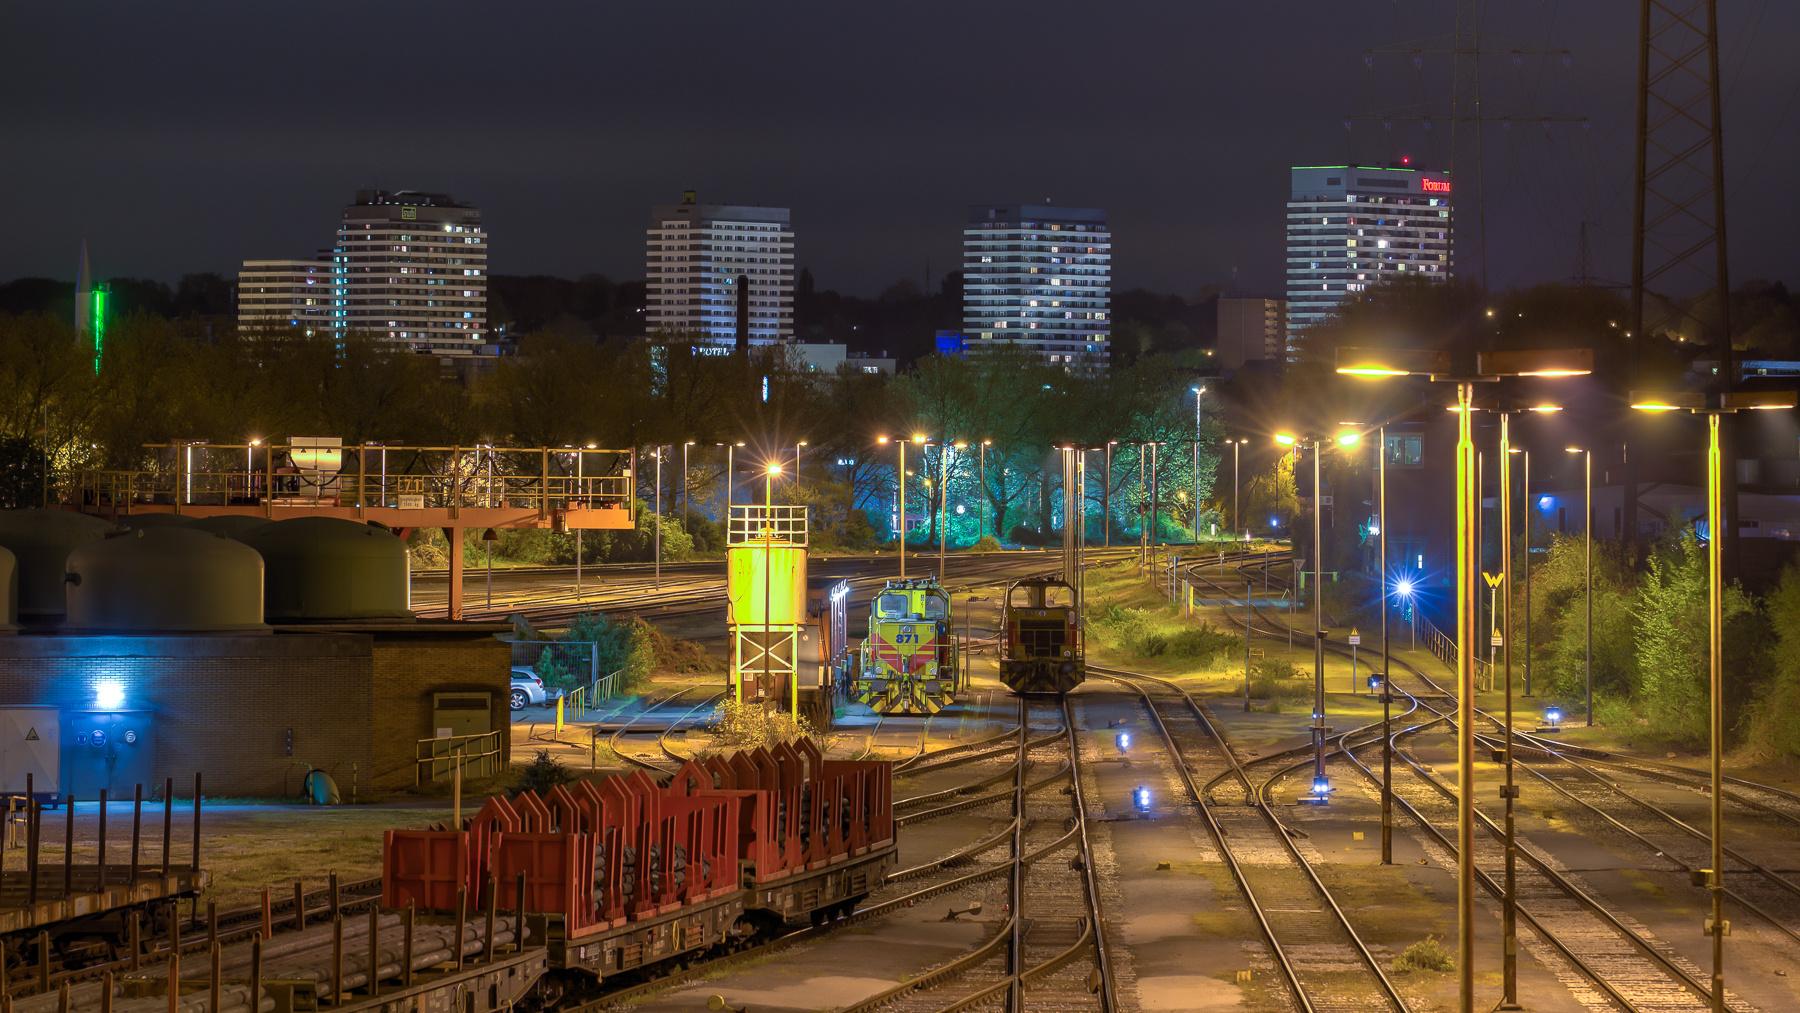 Mülheim a. d. Ruhr